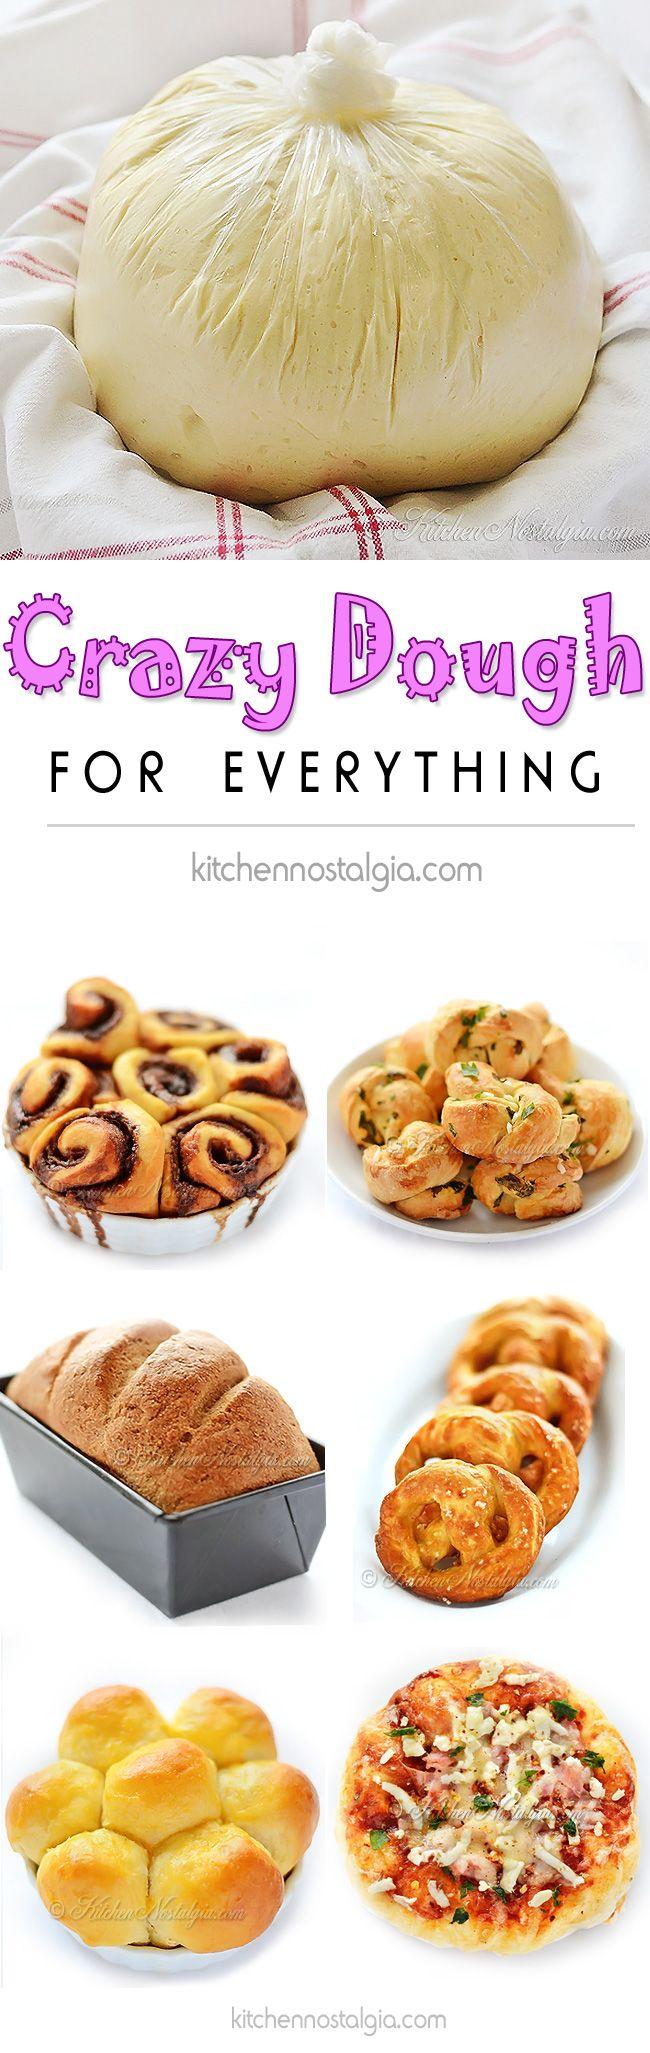 Crazy Dough for Everything   Recipe   Crazy dough, Dinner rolls and ...